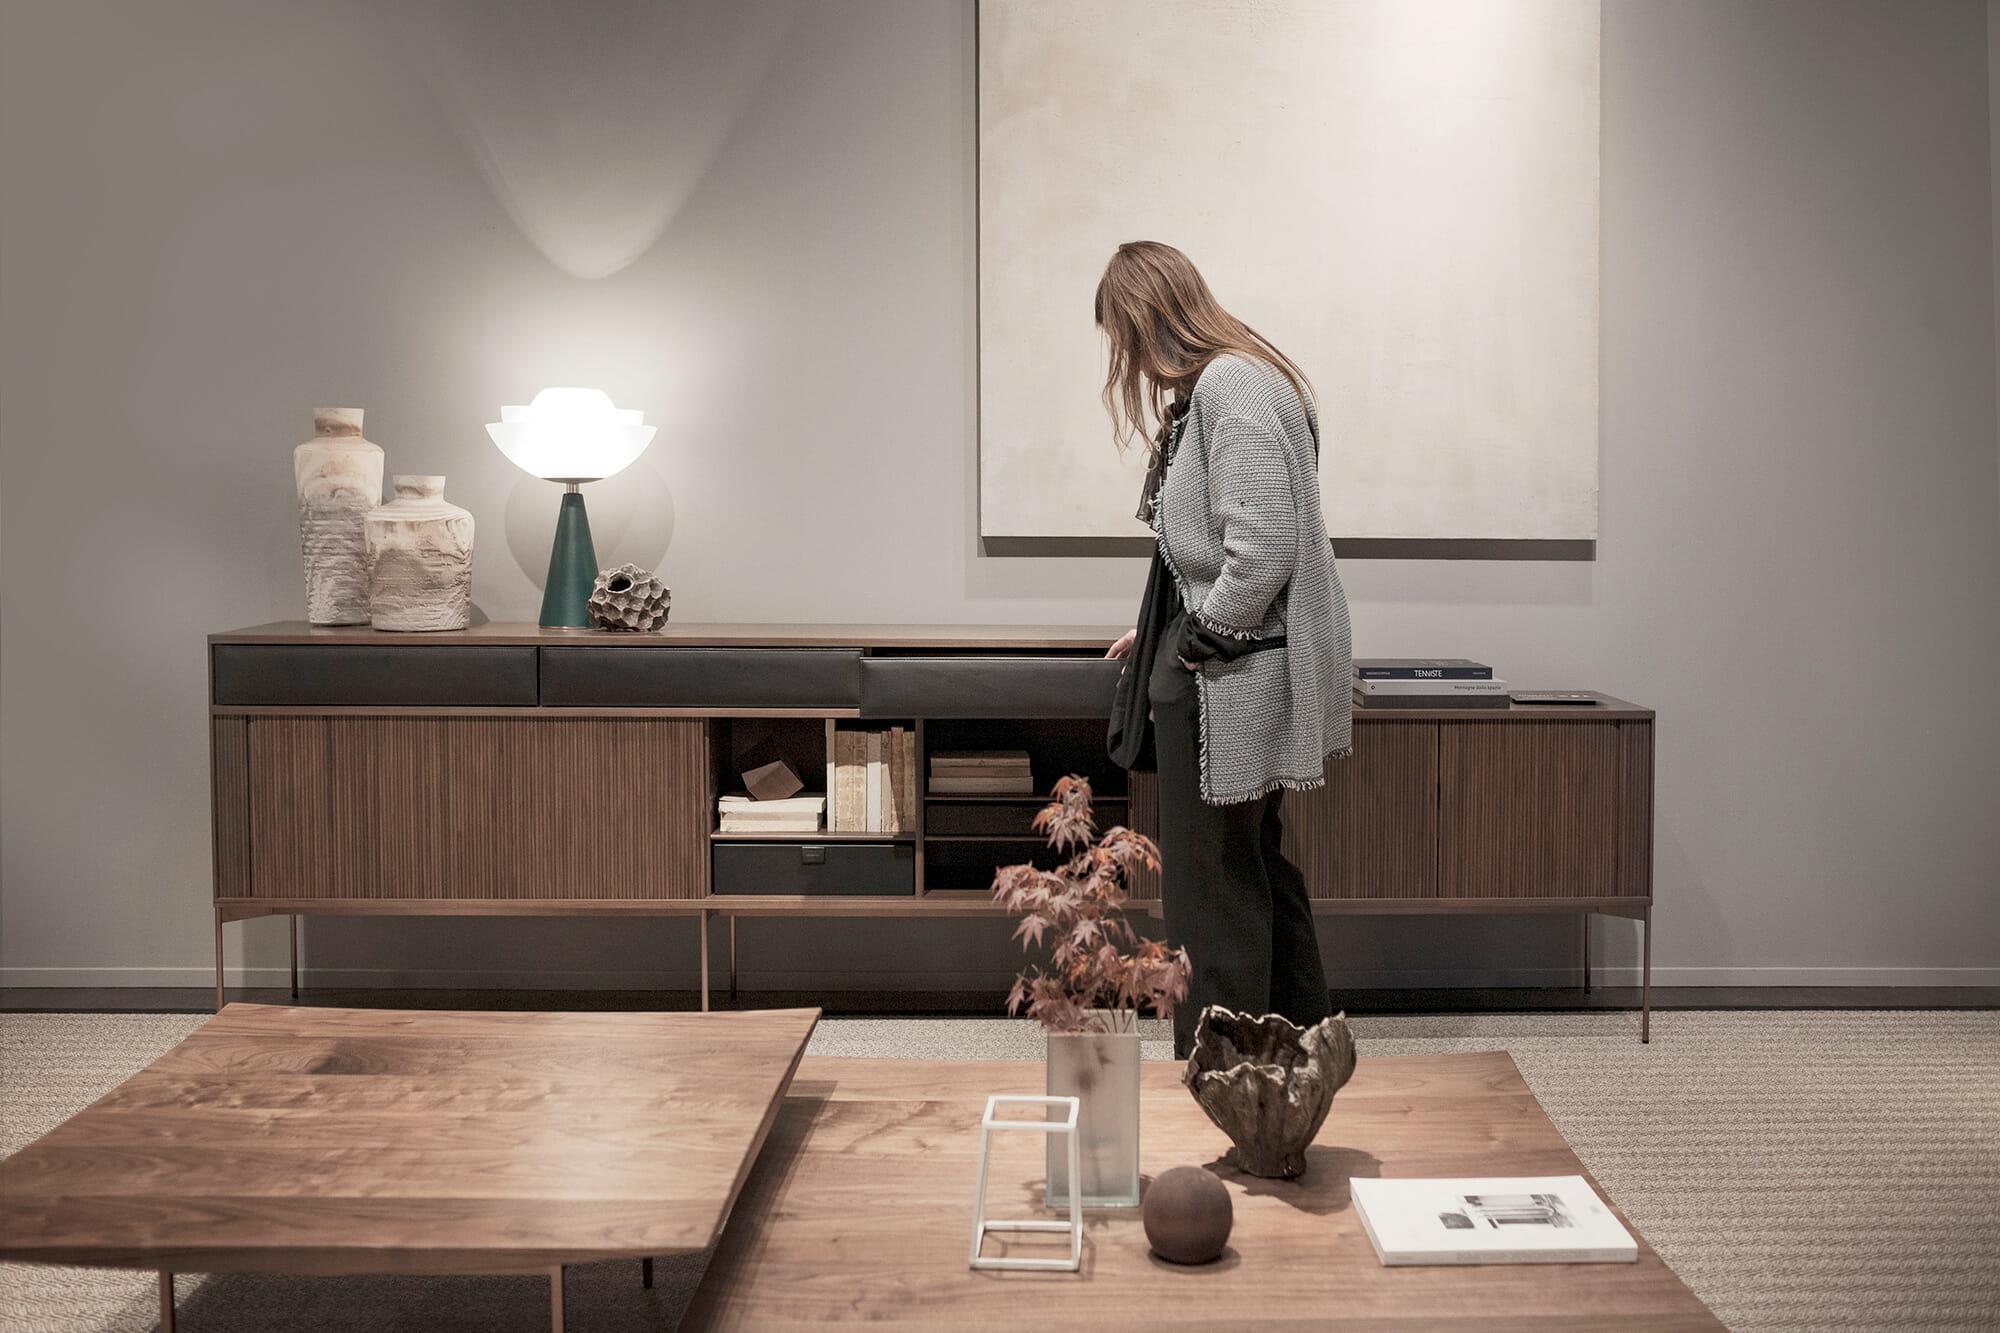 Ritzwell(リッツウェル )、欧州の高級家具ブランドが並ぶホール5にて、Photo: Alberto Strada